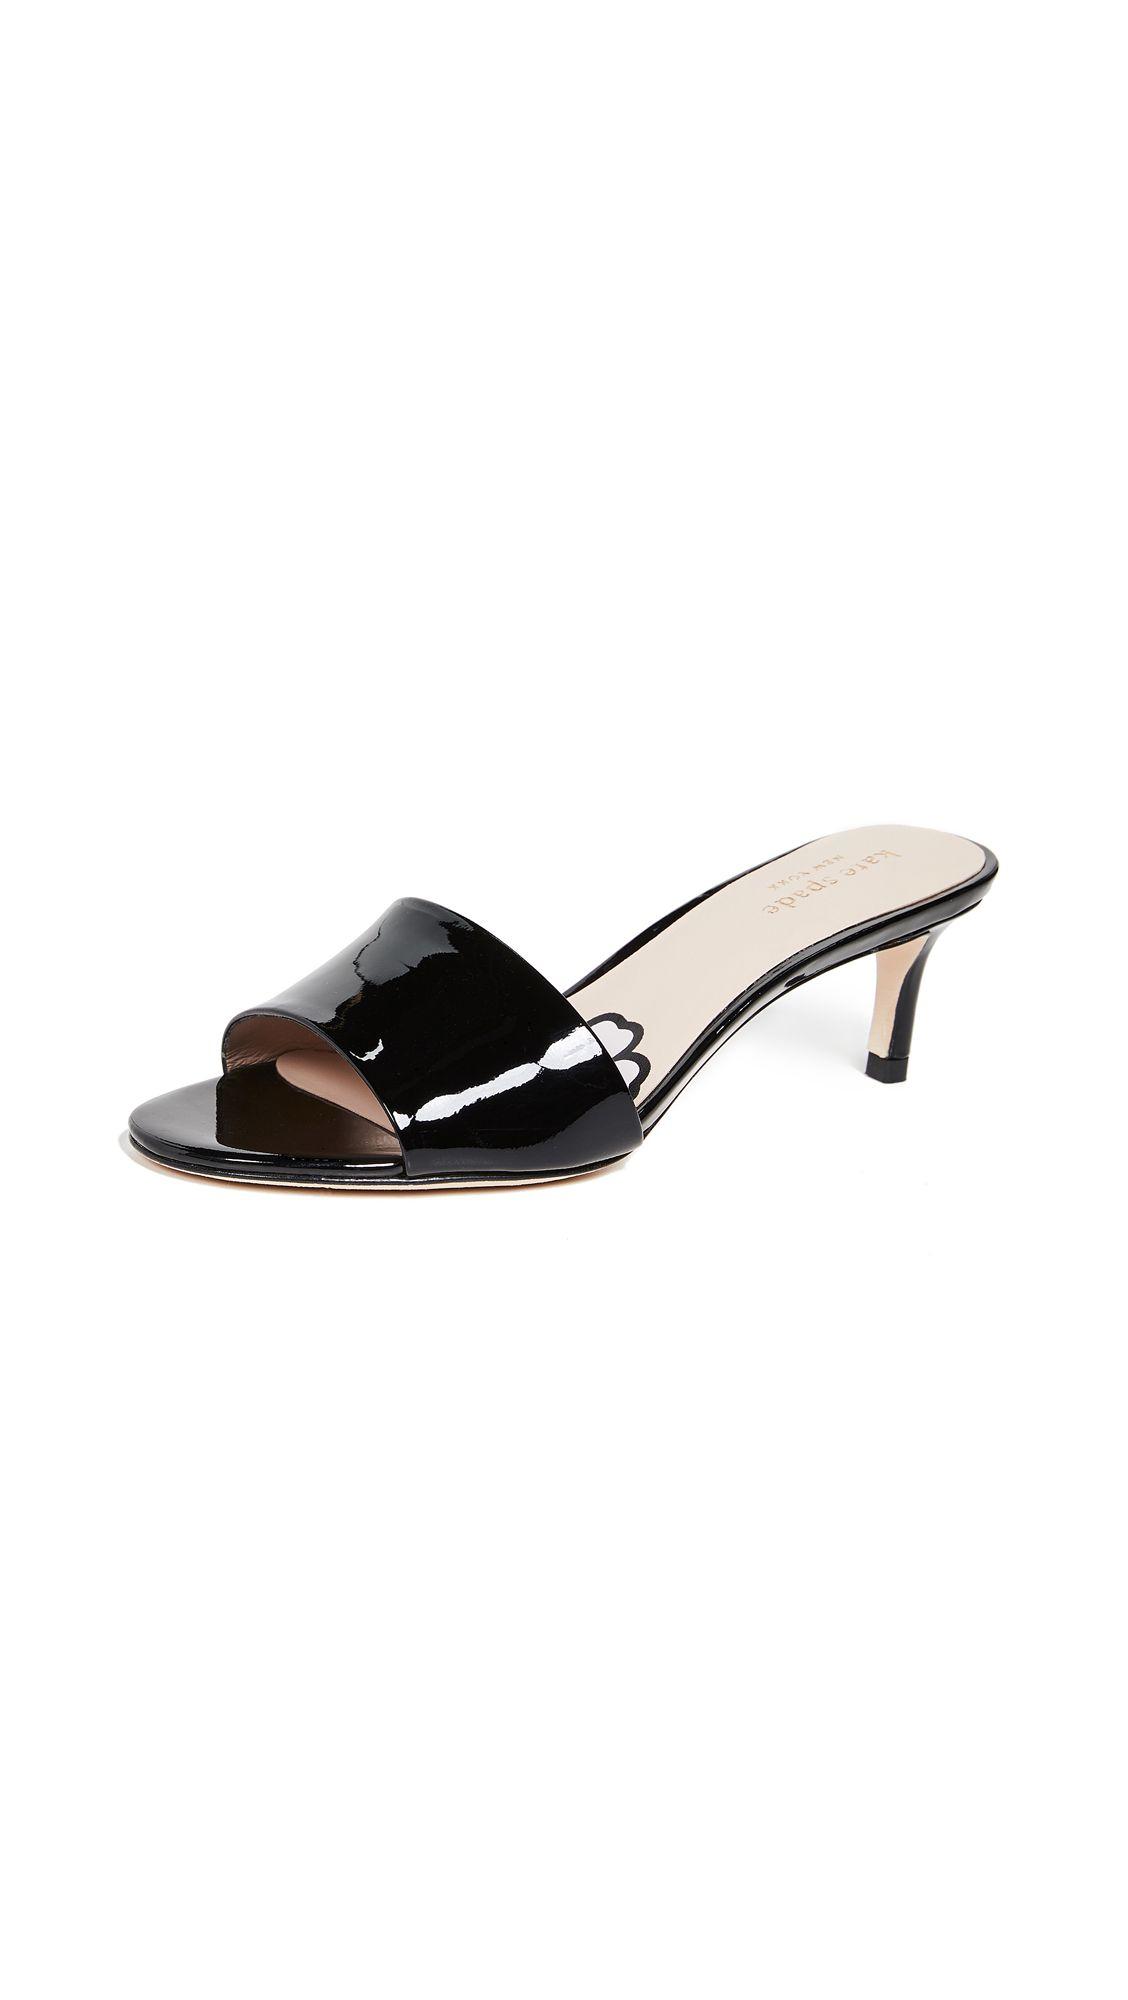 Savvi Kitten Heel Slide Sandals In 2020 Kitten Heels Heels Slide Sandals